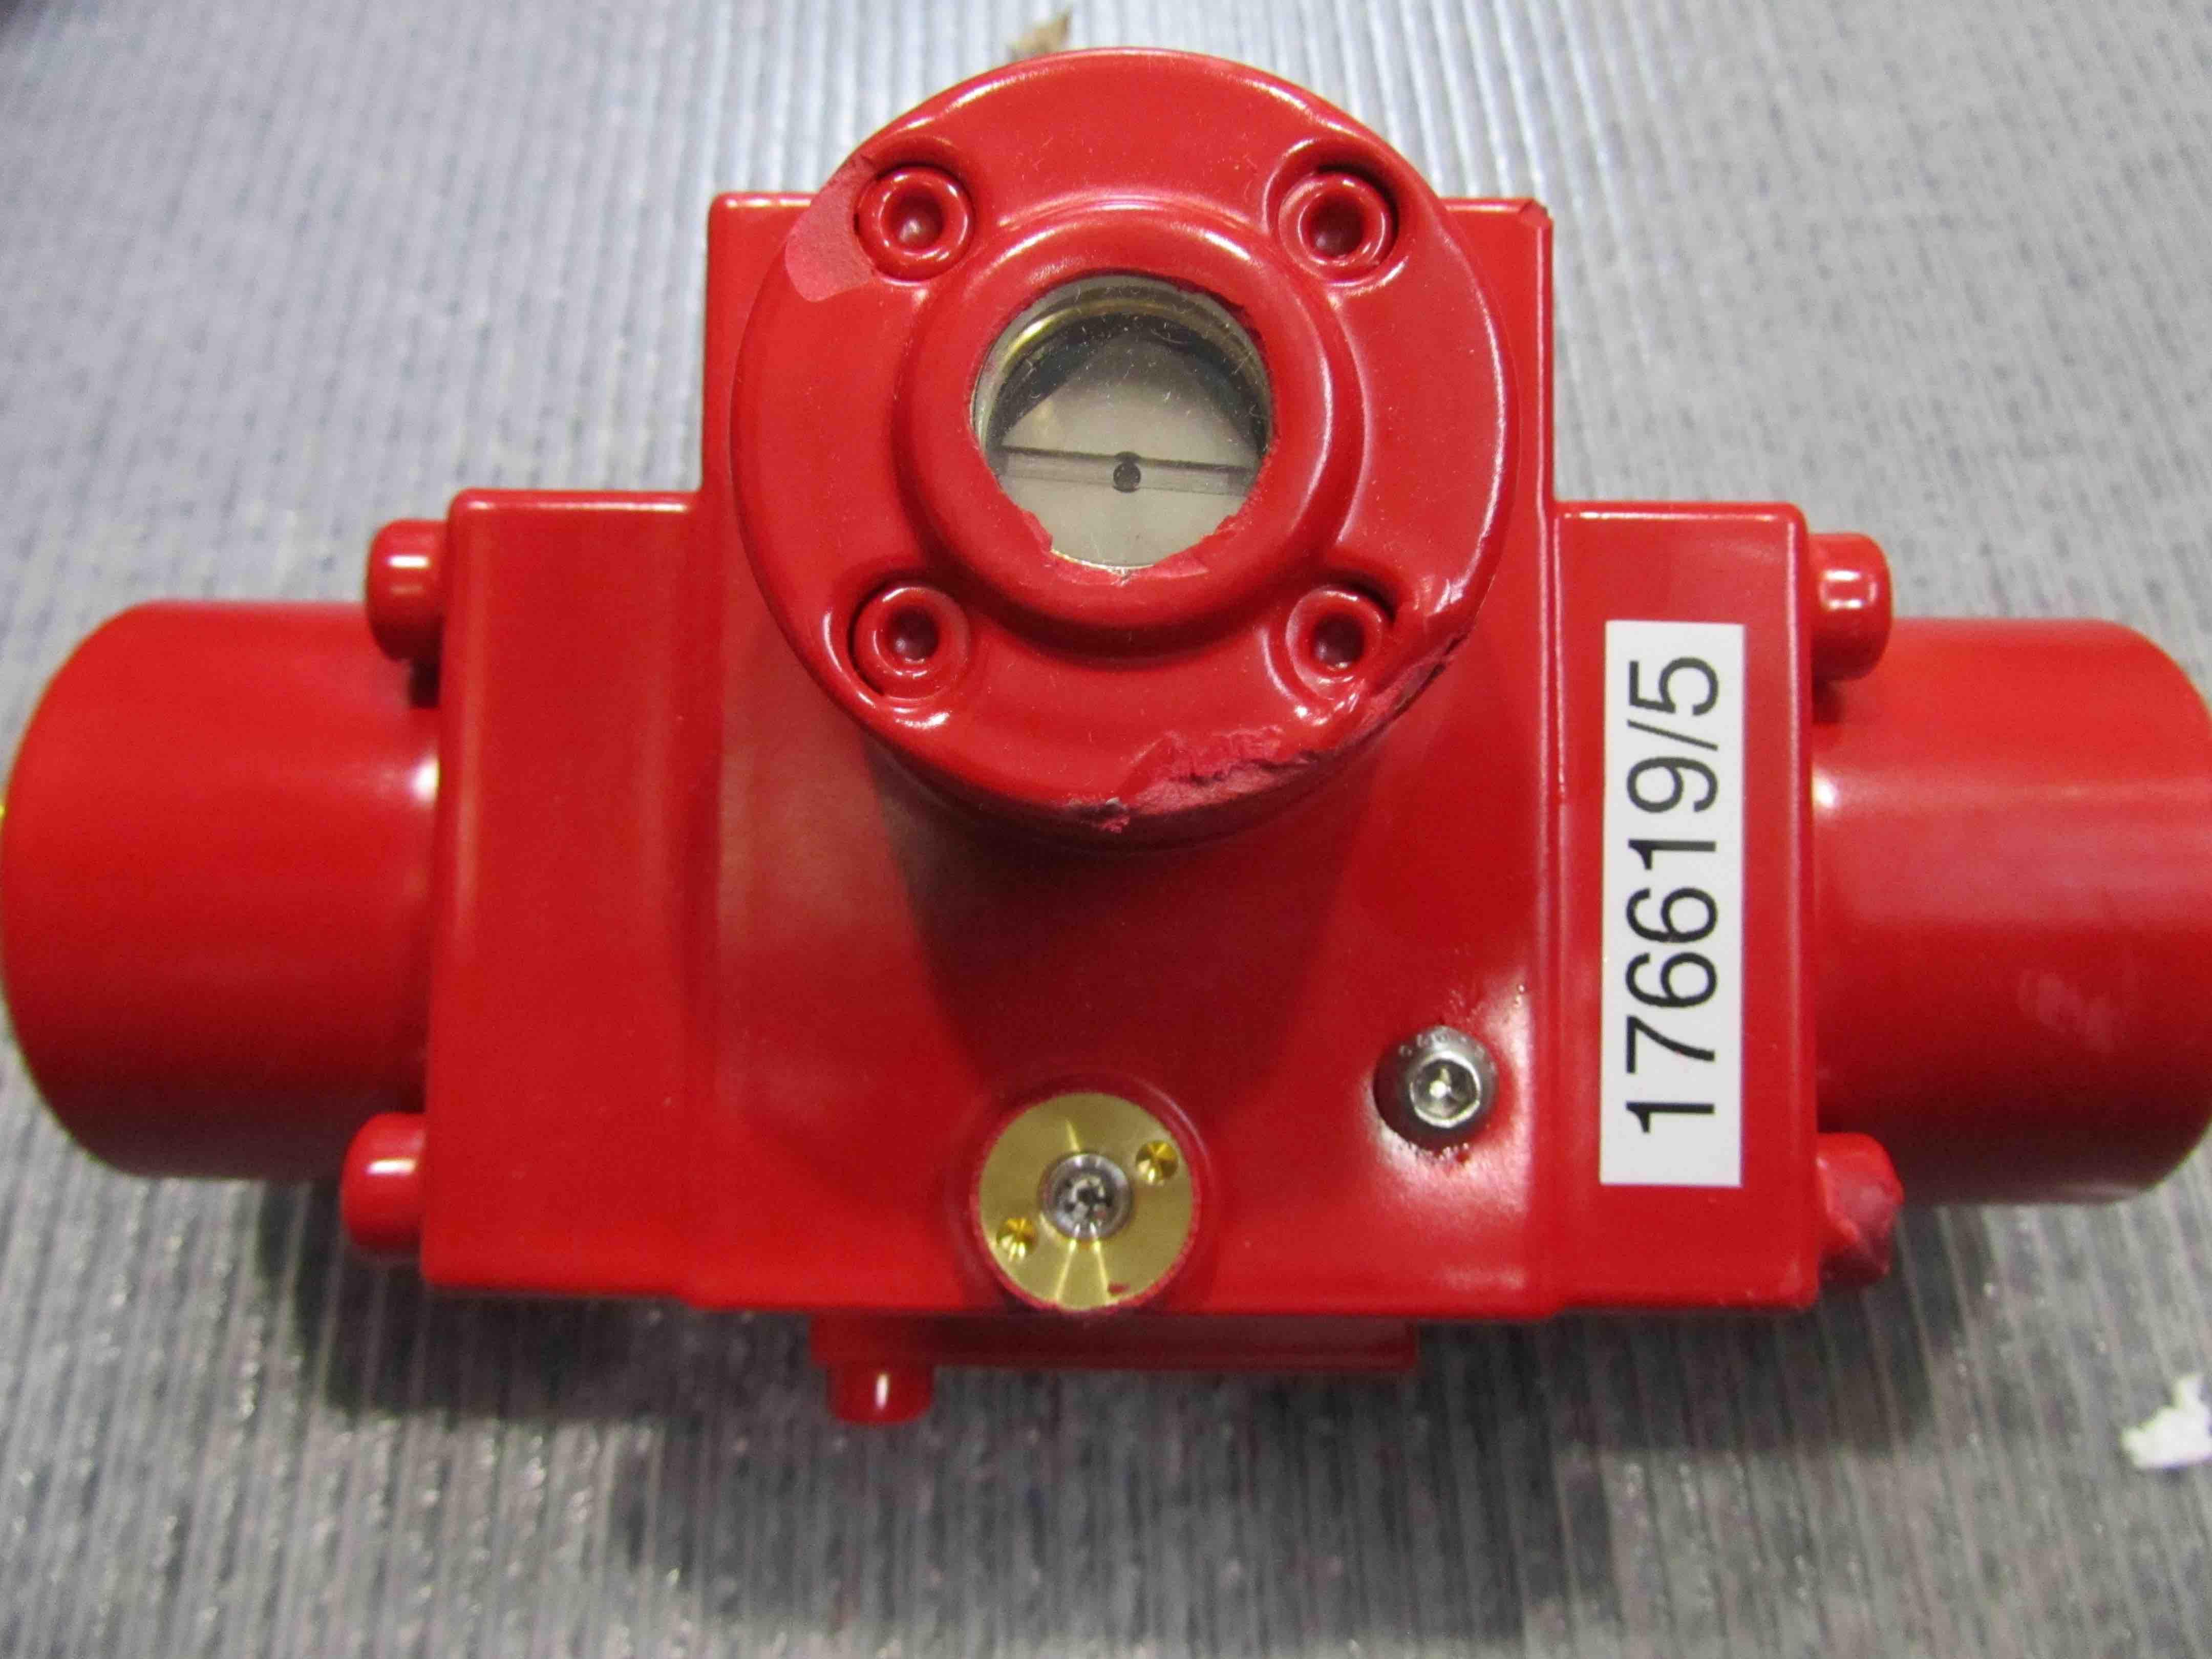 BHA-1 MK2 Image